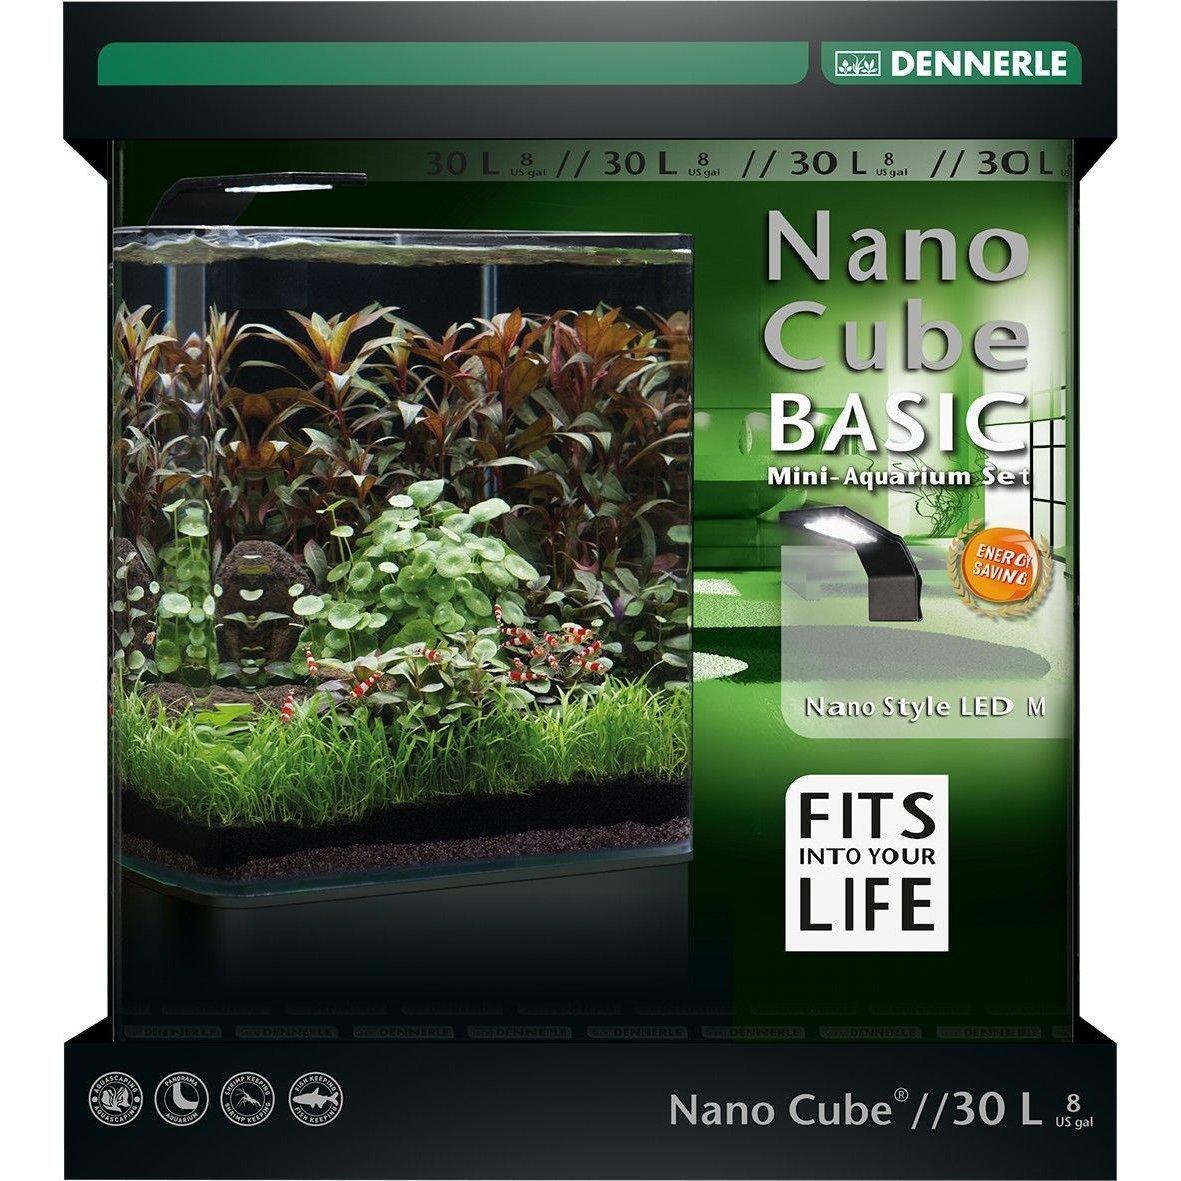 Dennerle NanoCube Basic Style LED Aquarium Bild 5